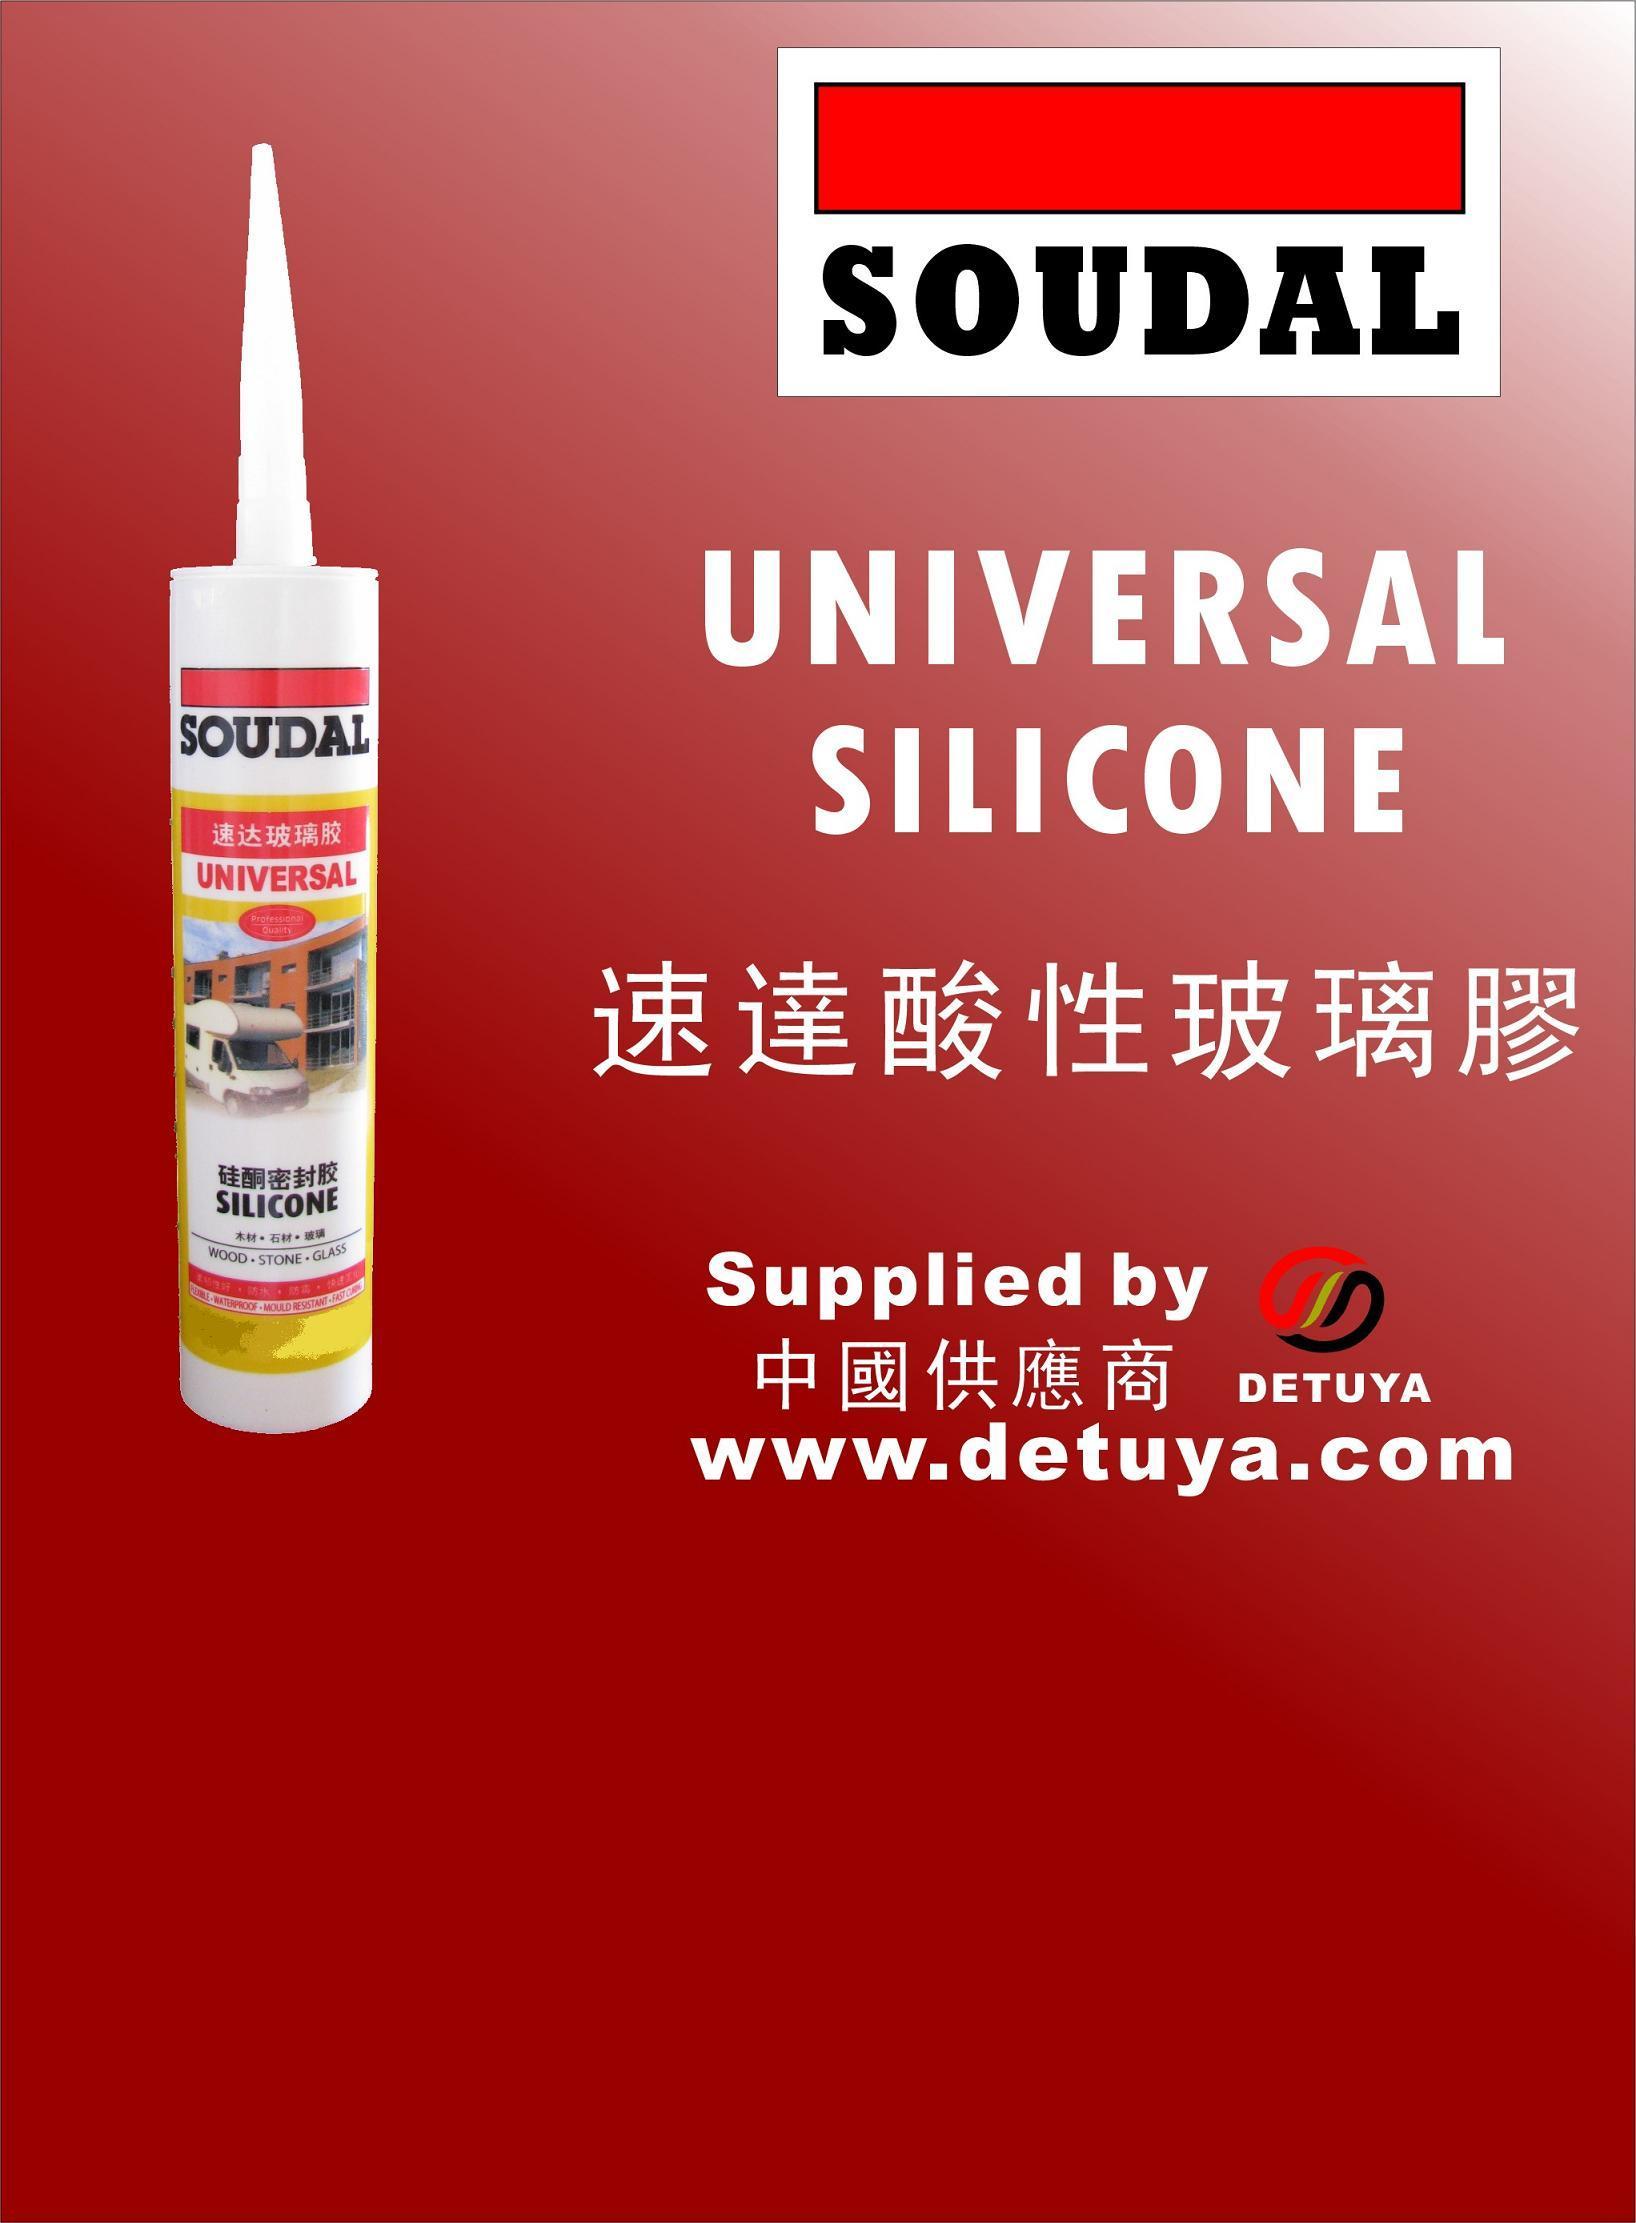 china soudal acidic silicone china silicone acidic silicone. Black Bedroom Furniture Sets. Home Design Ideas